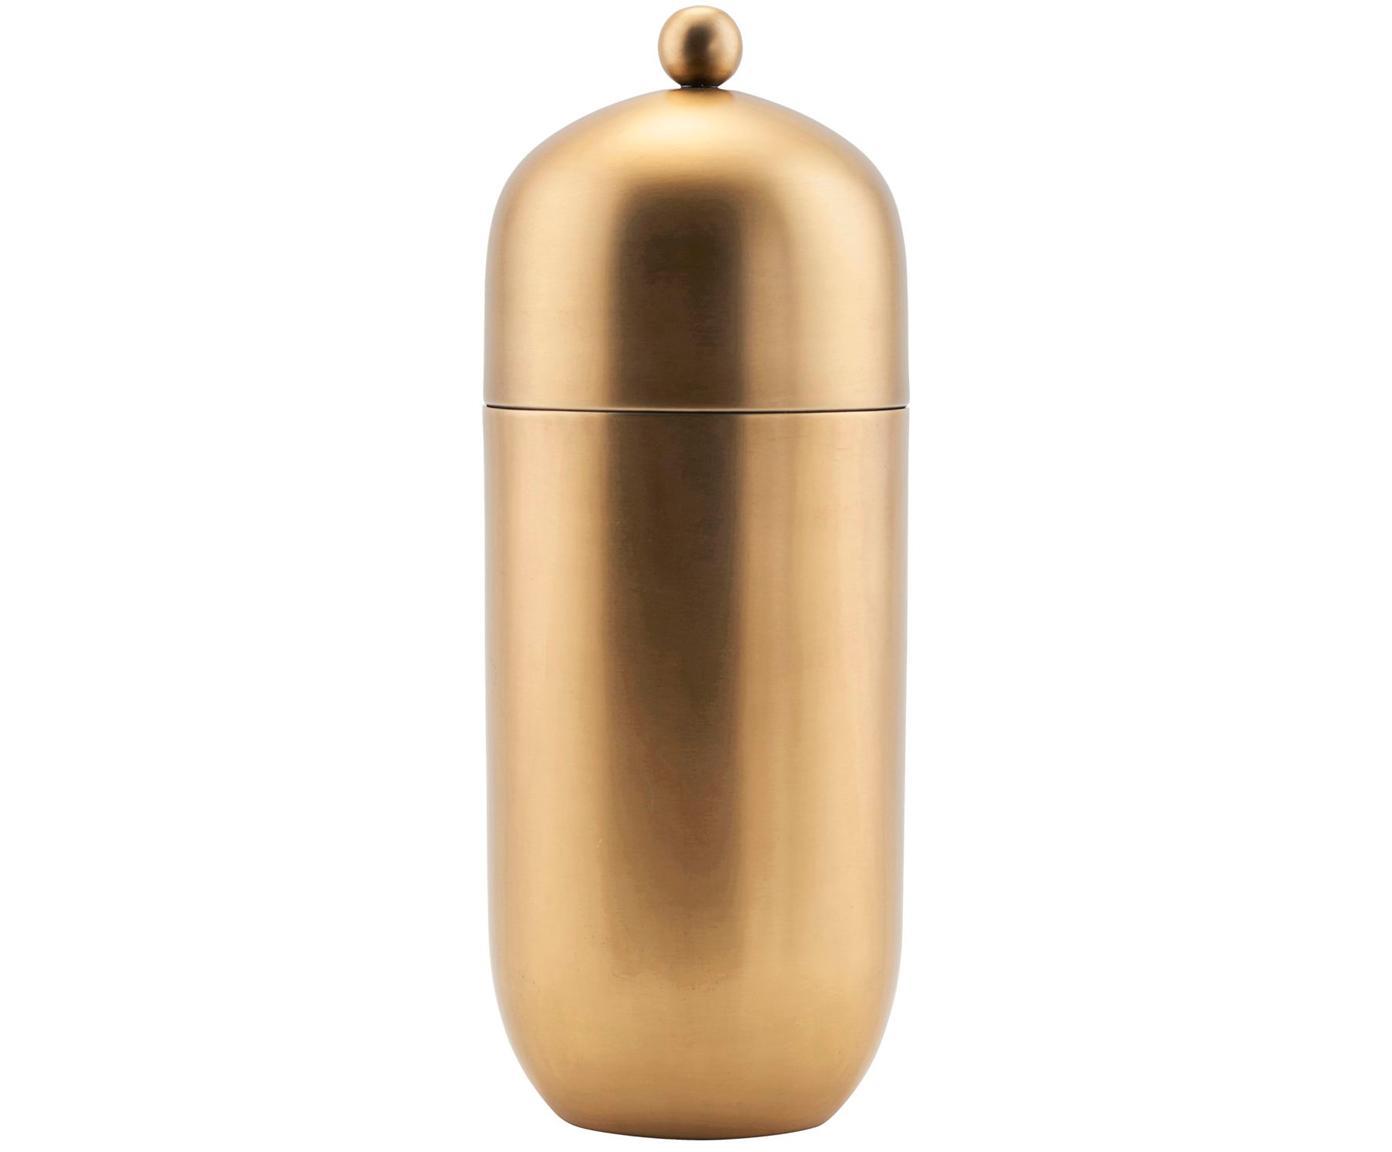 Cocktailshaker Alir, goudkleurig, Edelstaal, messing, Messingkleurig, Ø 9 x H 21 cm